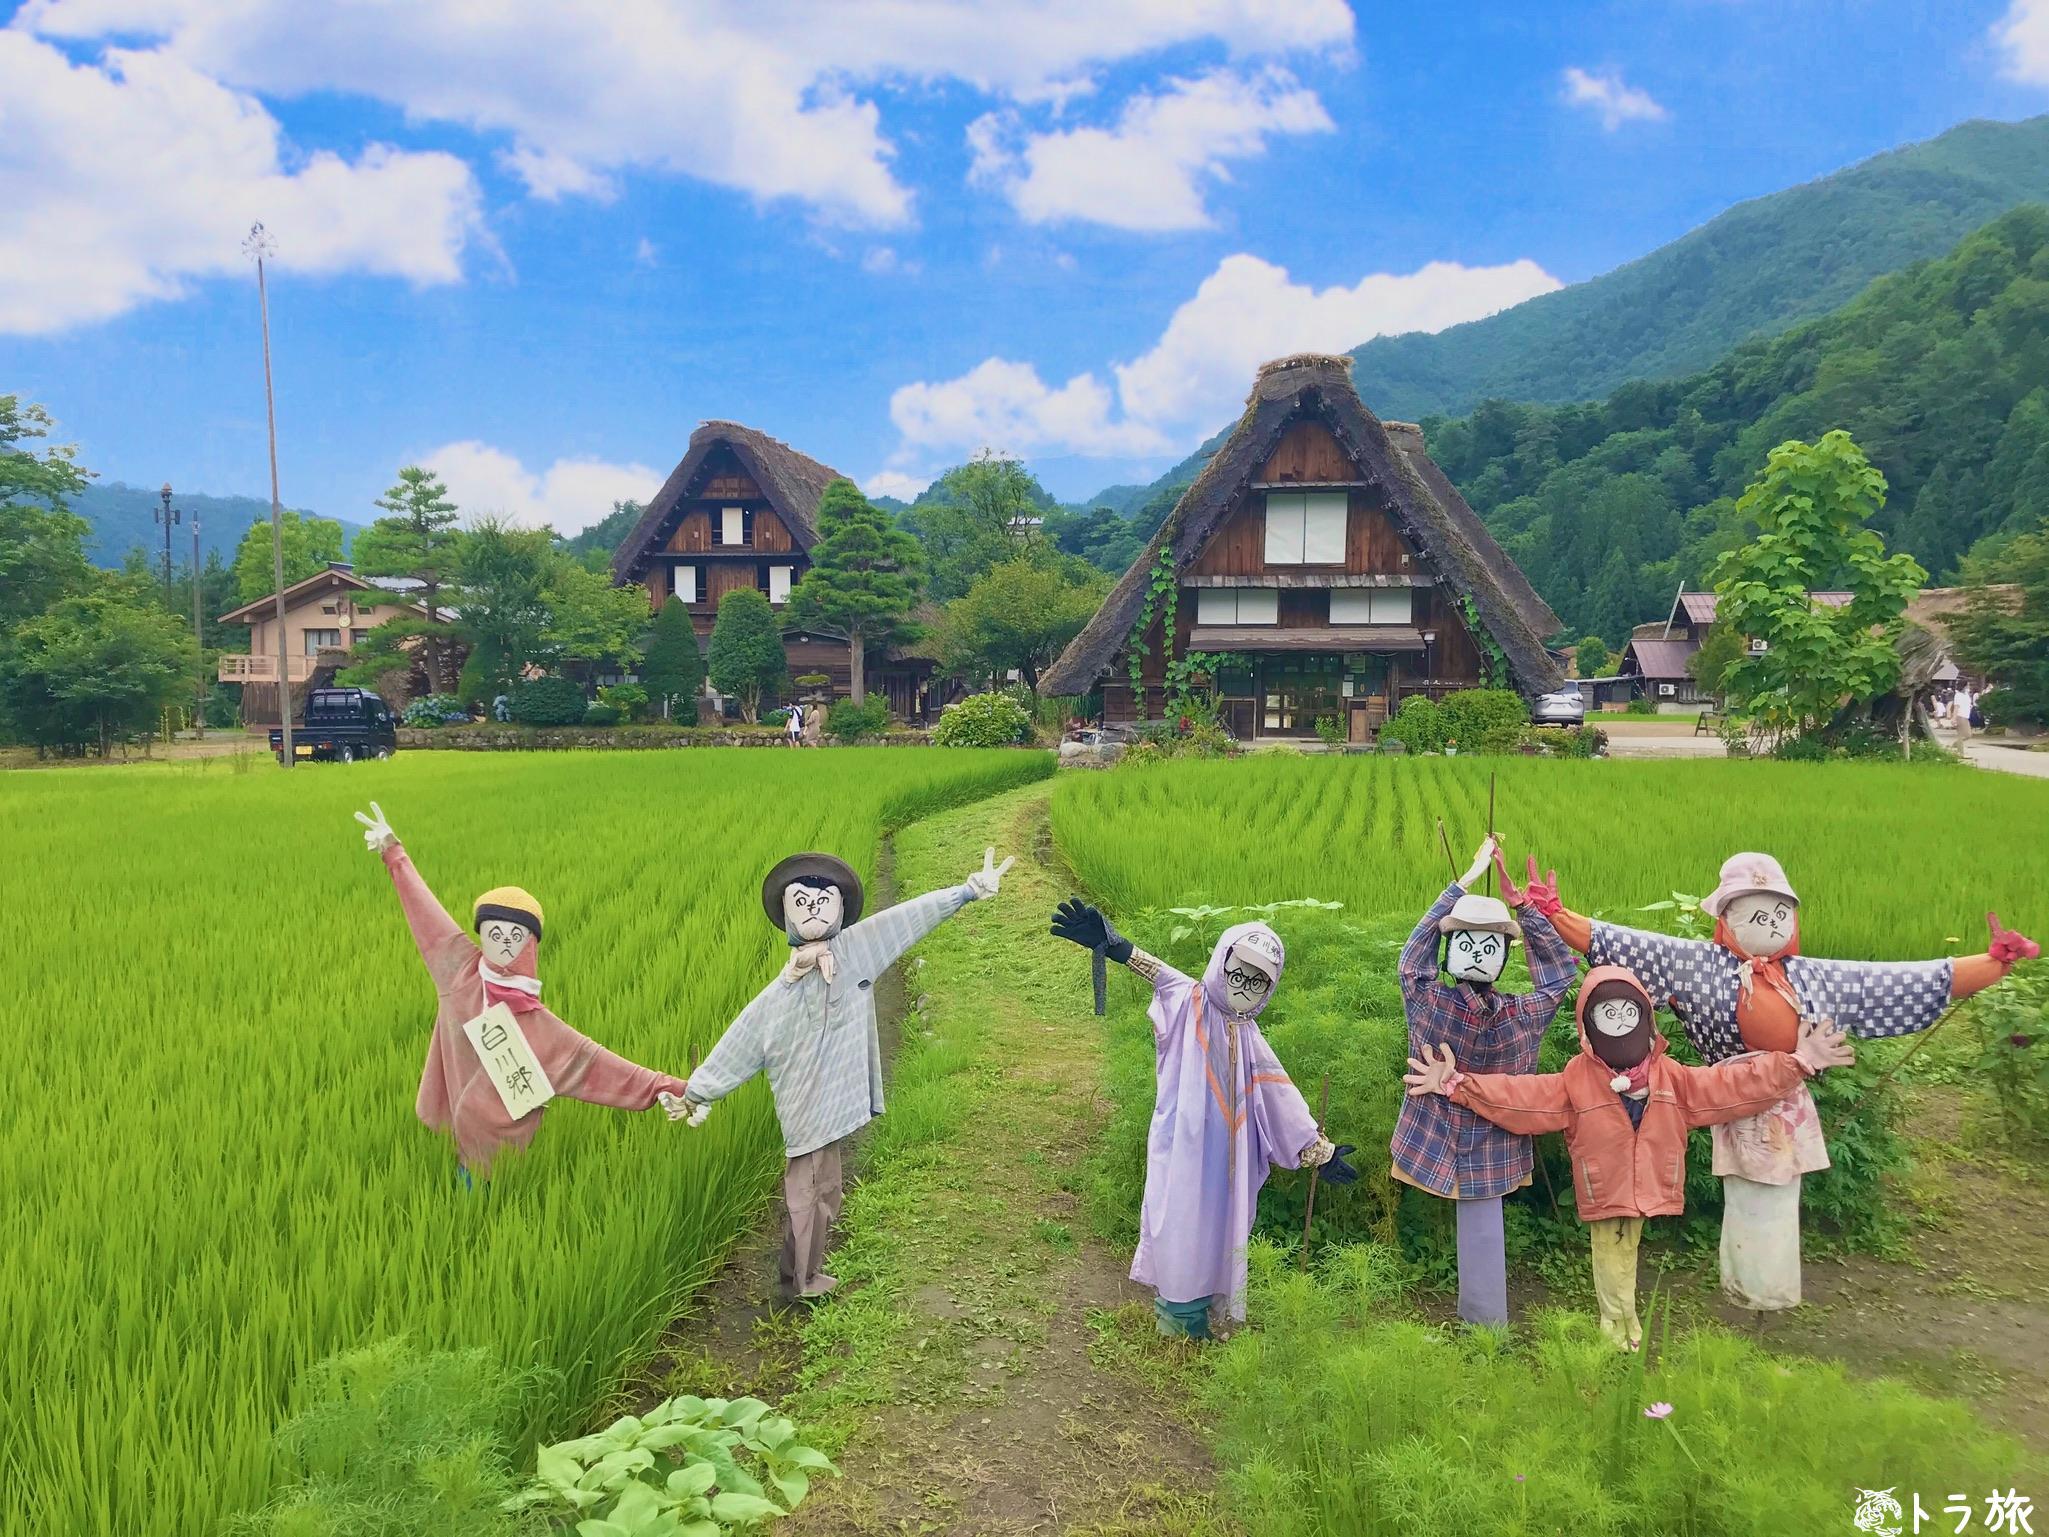 白川郷 五箇山の合掌造り集落の世界遺産登録理由と観光見所